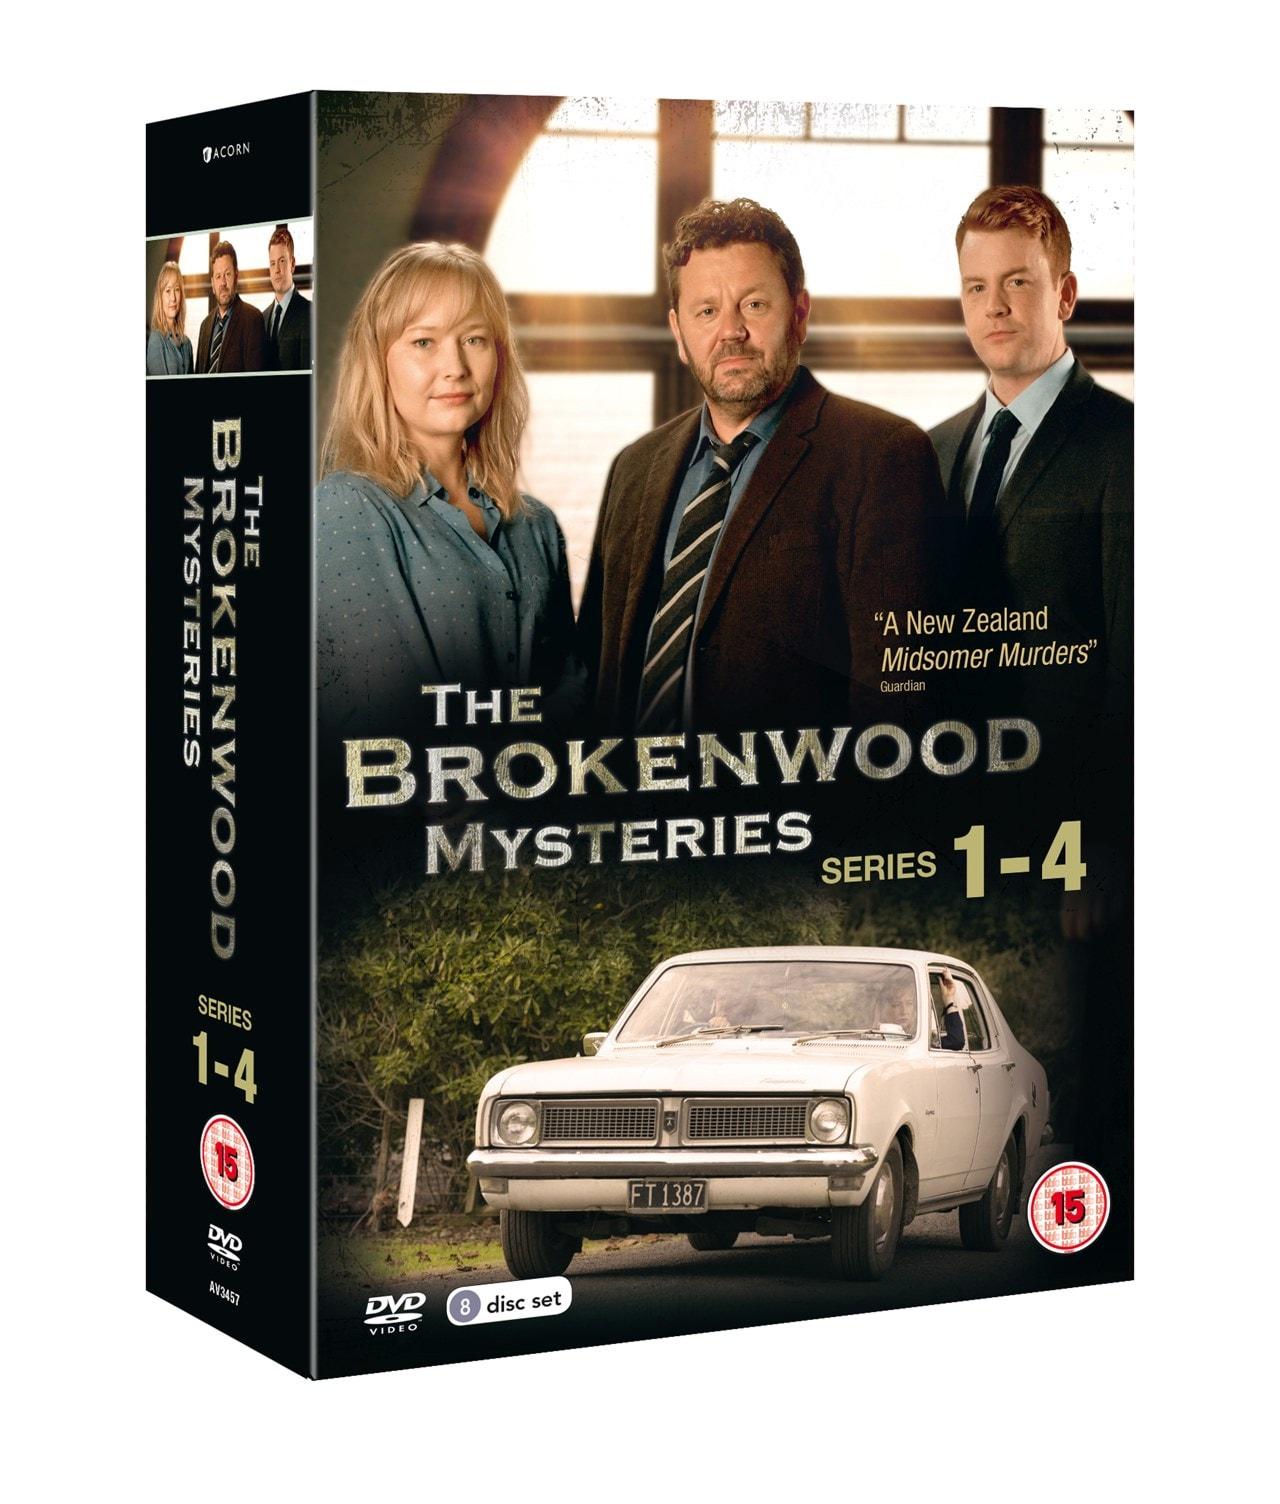 The Brokenwood Mysteries: Series 1-4 - 2